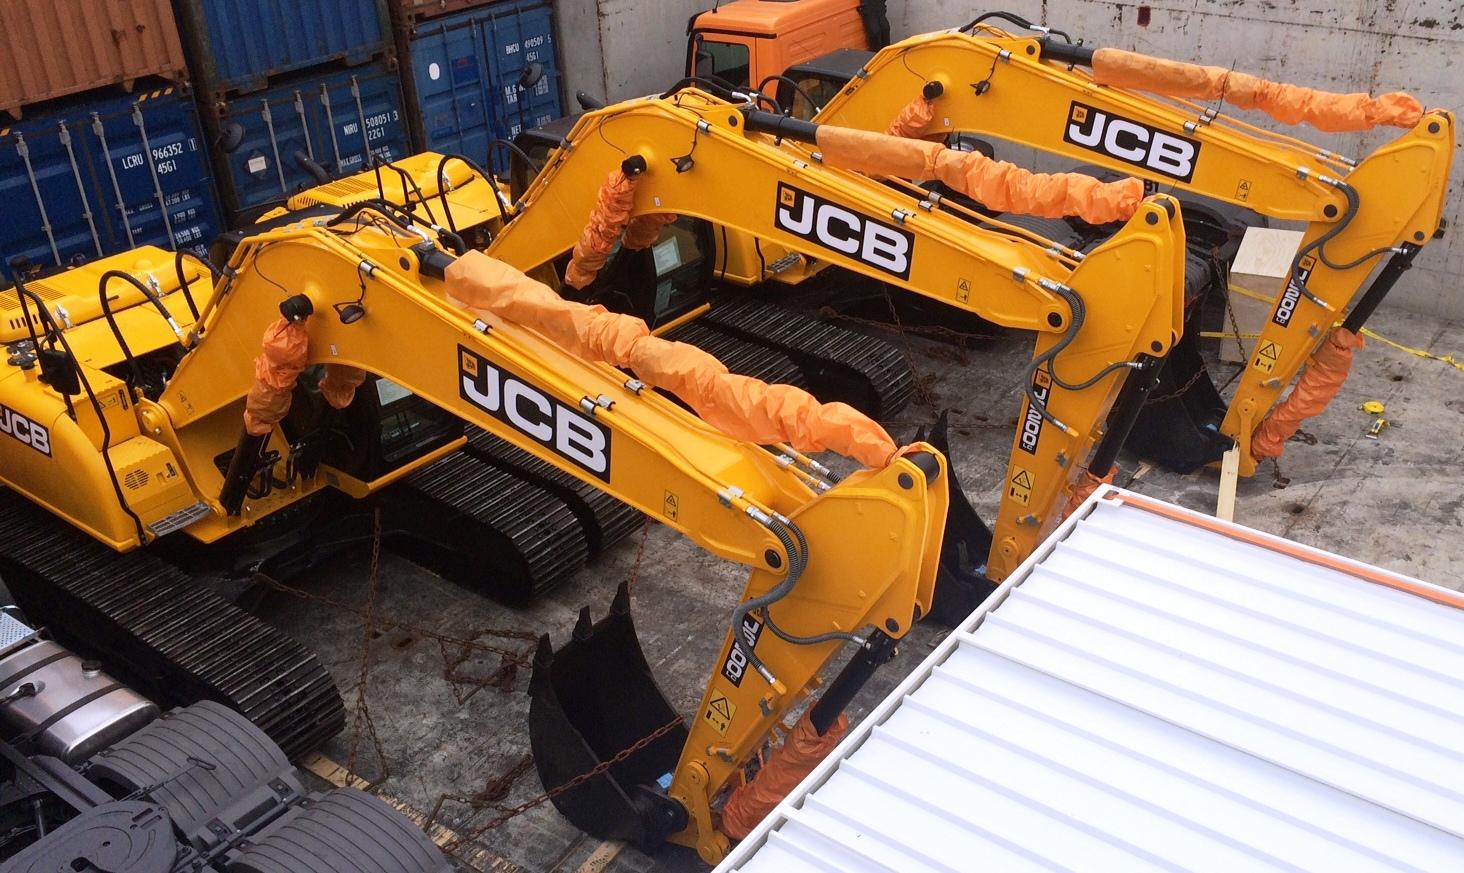 1517A HEL NLRTM Cargo ops (46)